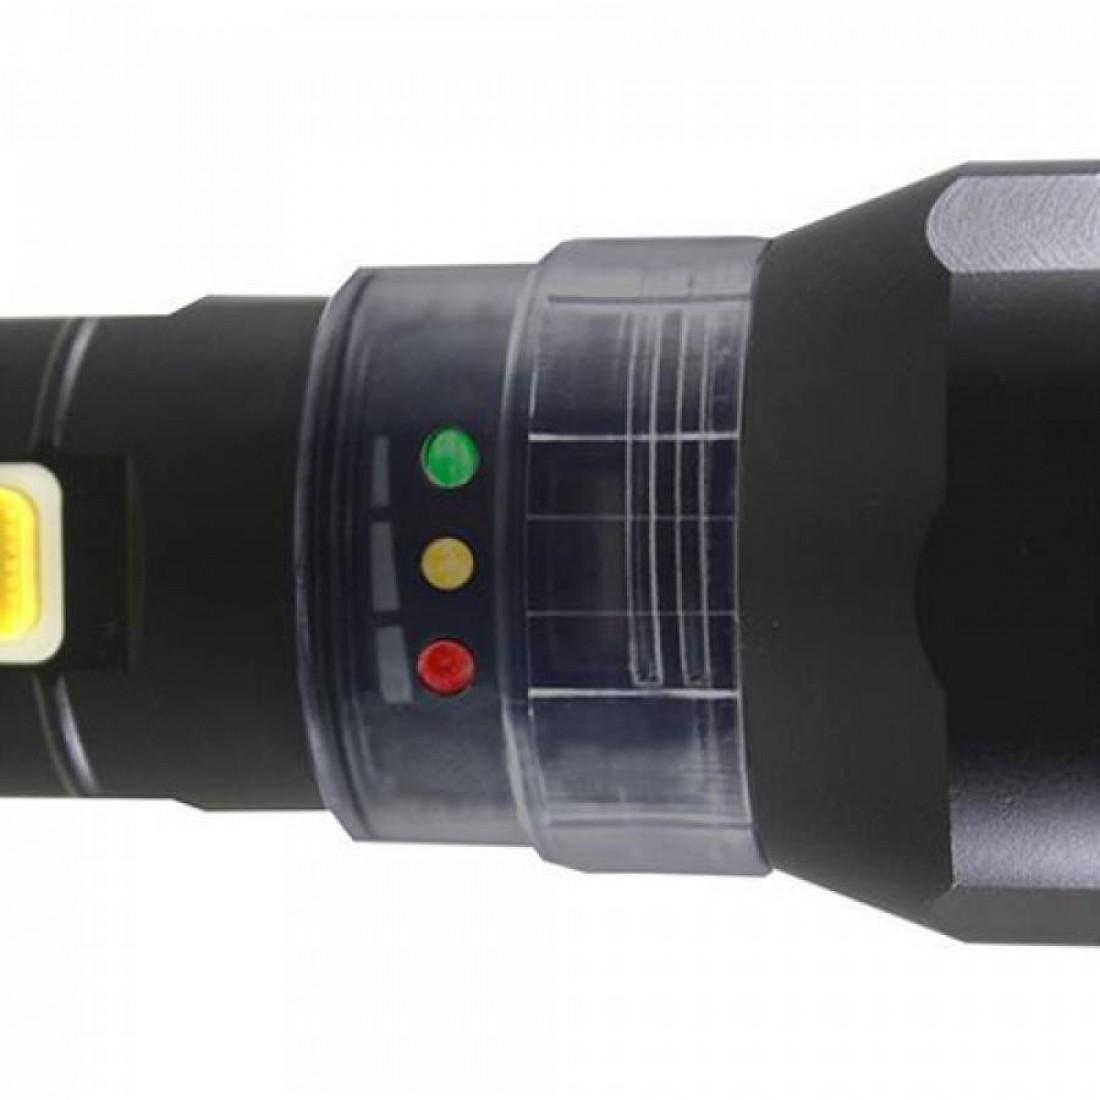 Φακός αλουμινίου επαναφορτιζόμενος με εστίαση δέσμης CREE LED 120 Lumens CT2105 CATERPILLAR